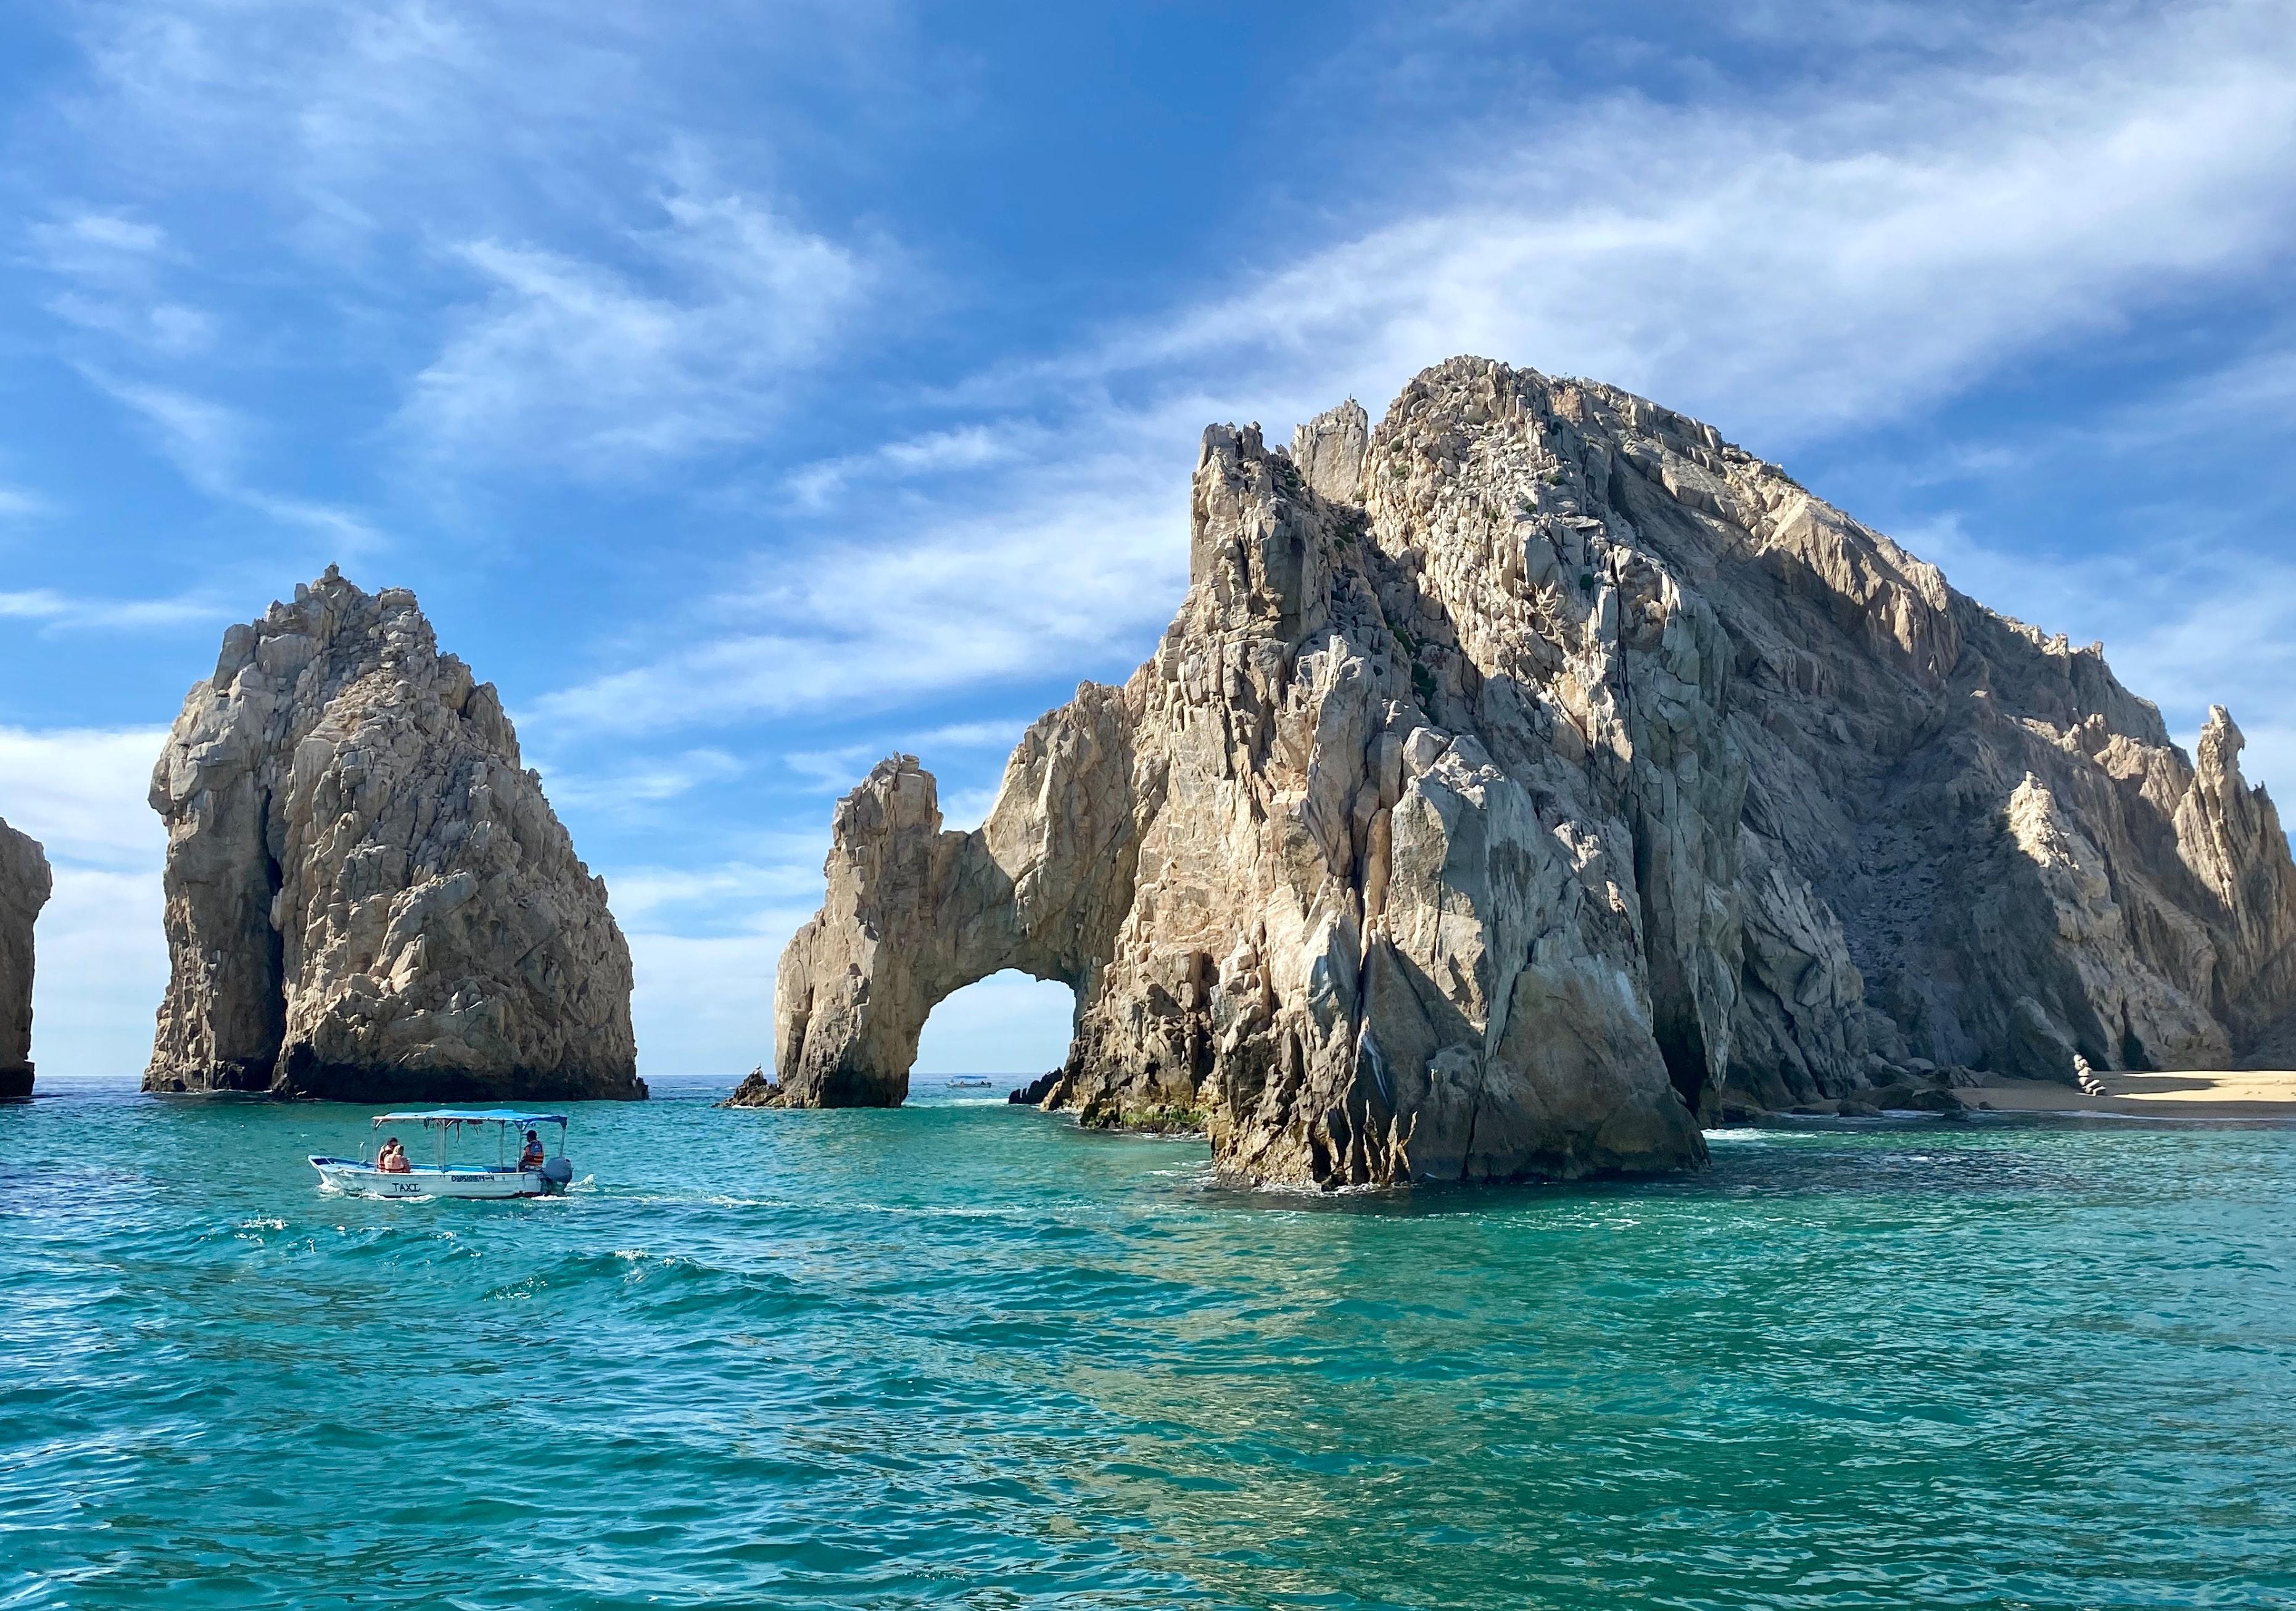 Cabo San Lucas Photo by Victoria Bragg